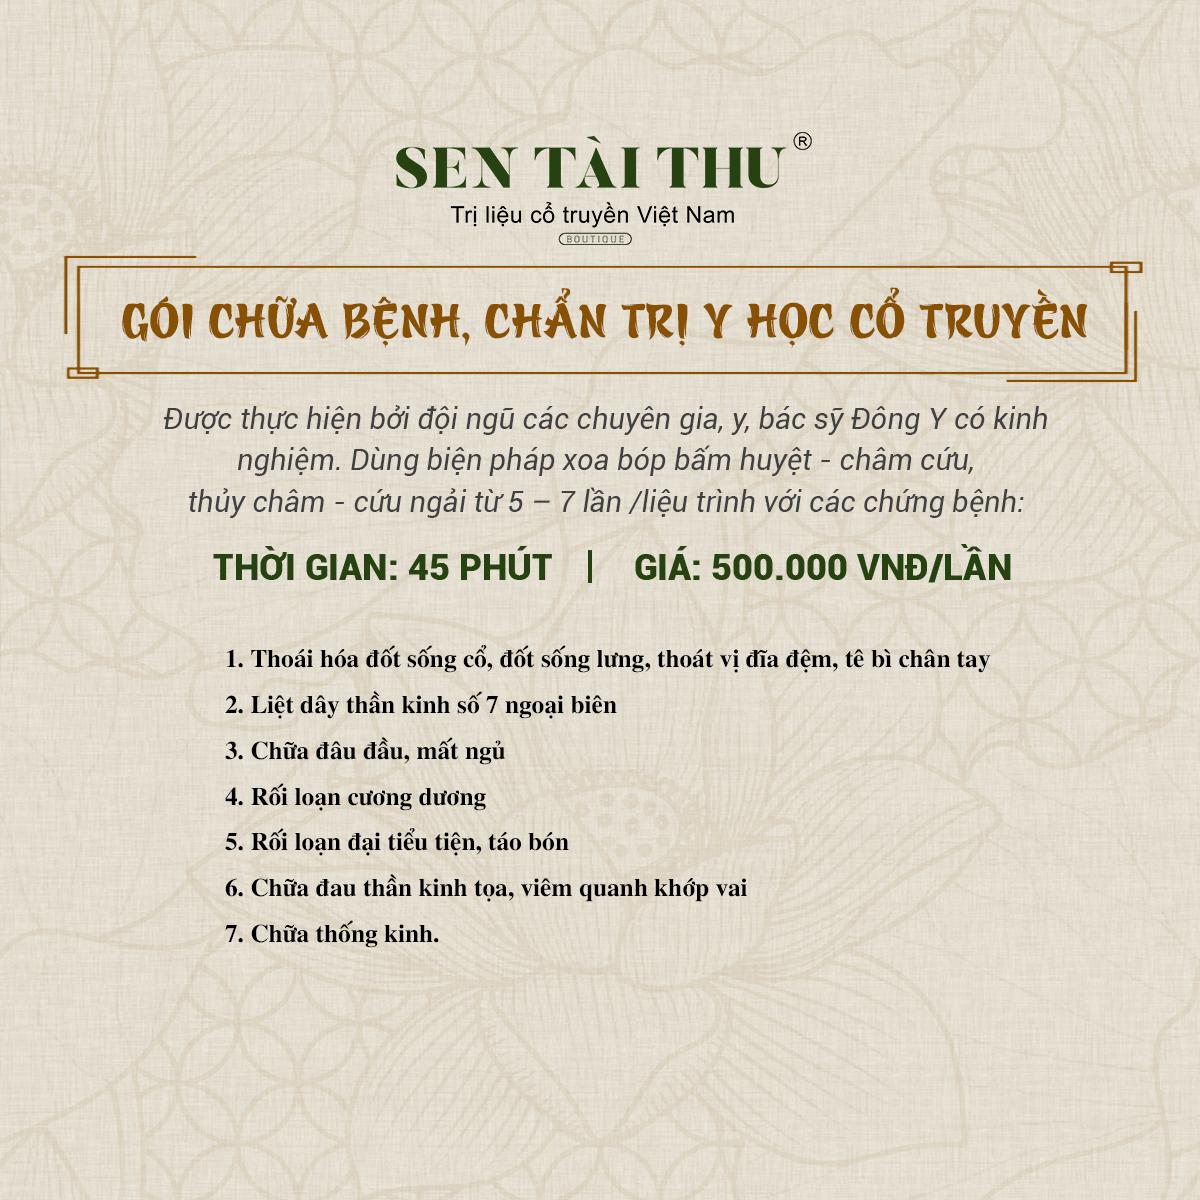 Bảng giá Sen Tài Thu Long Biên - Gói trị chữa bệnh, chẩn trị